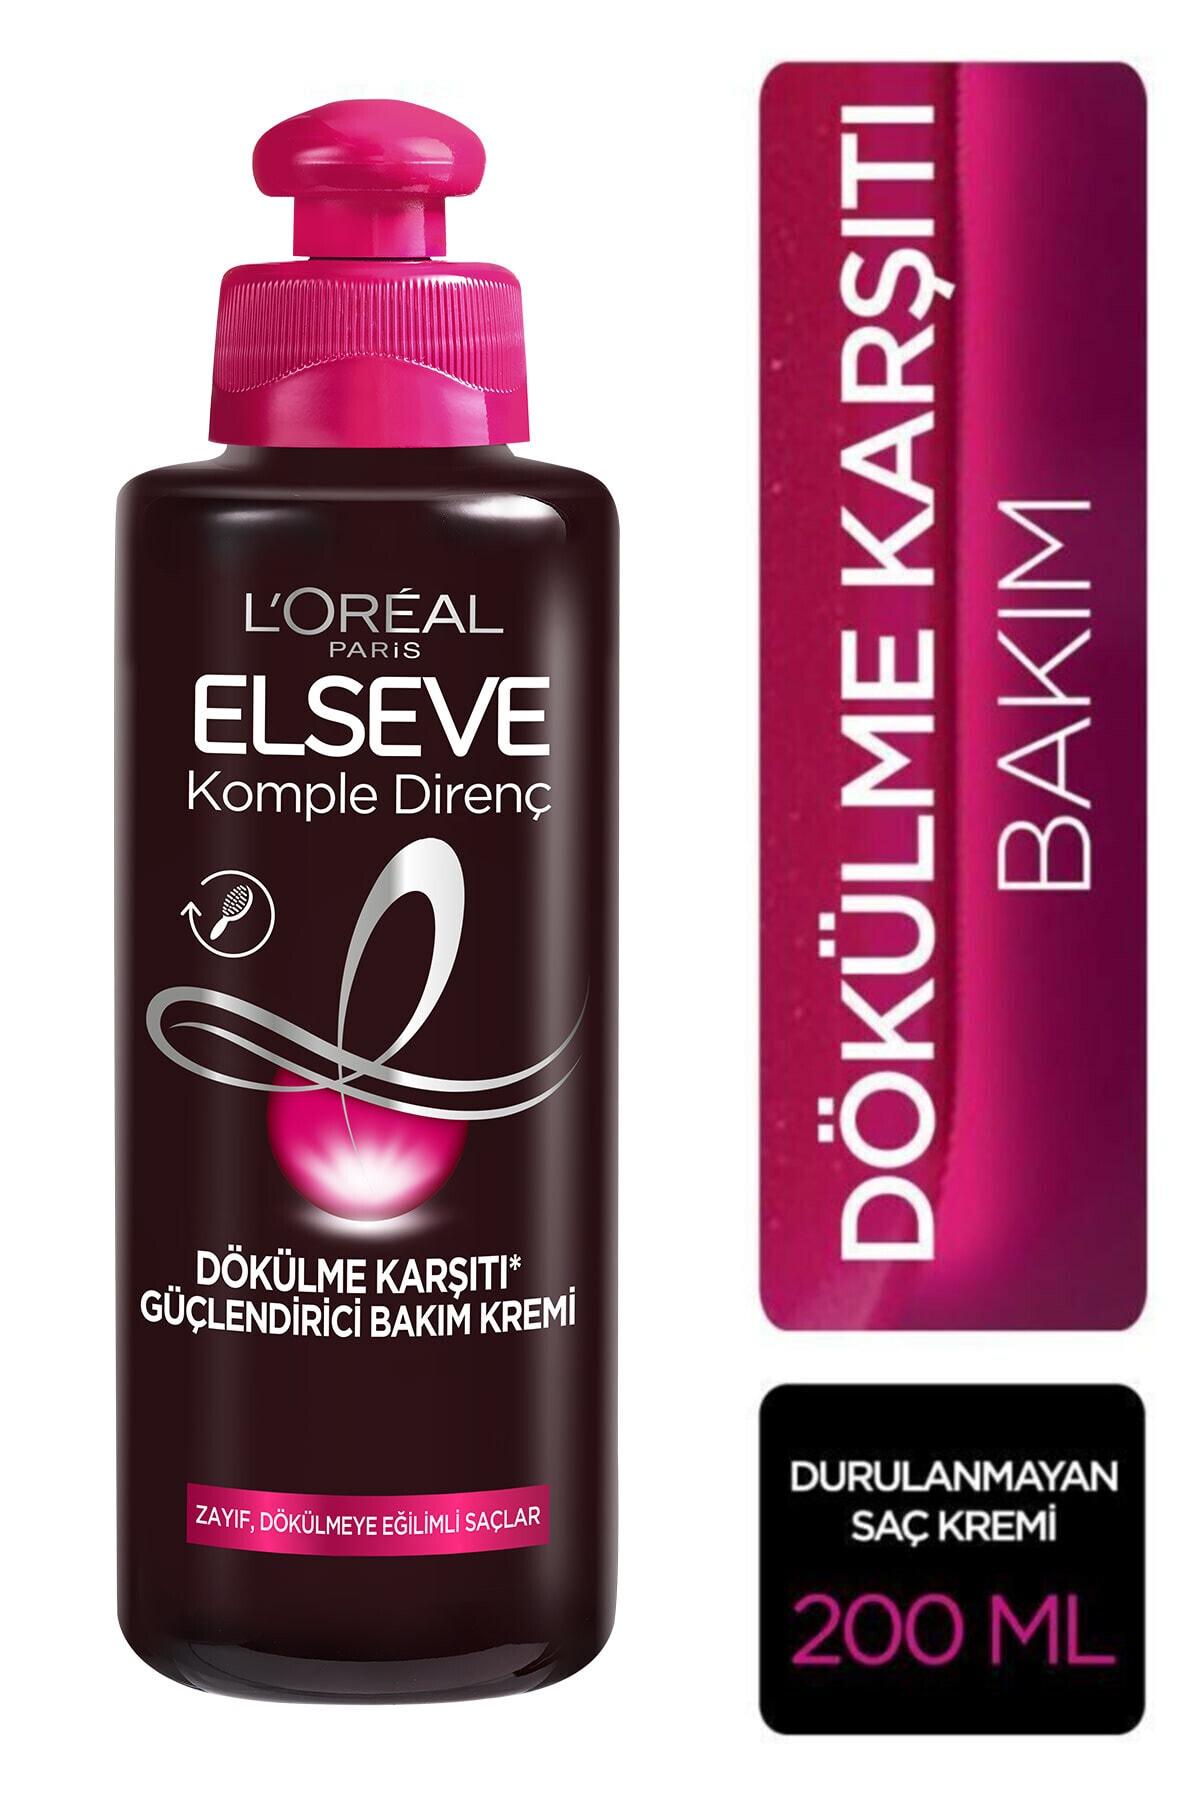 ELSEVE L'oréal Paris Komple Direnç Dökülme Karşıtı Güçlendirici Bakım Kremi 200 ml 1